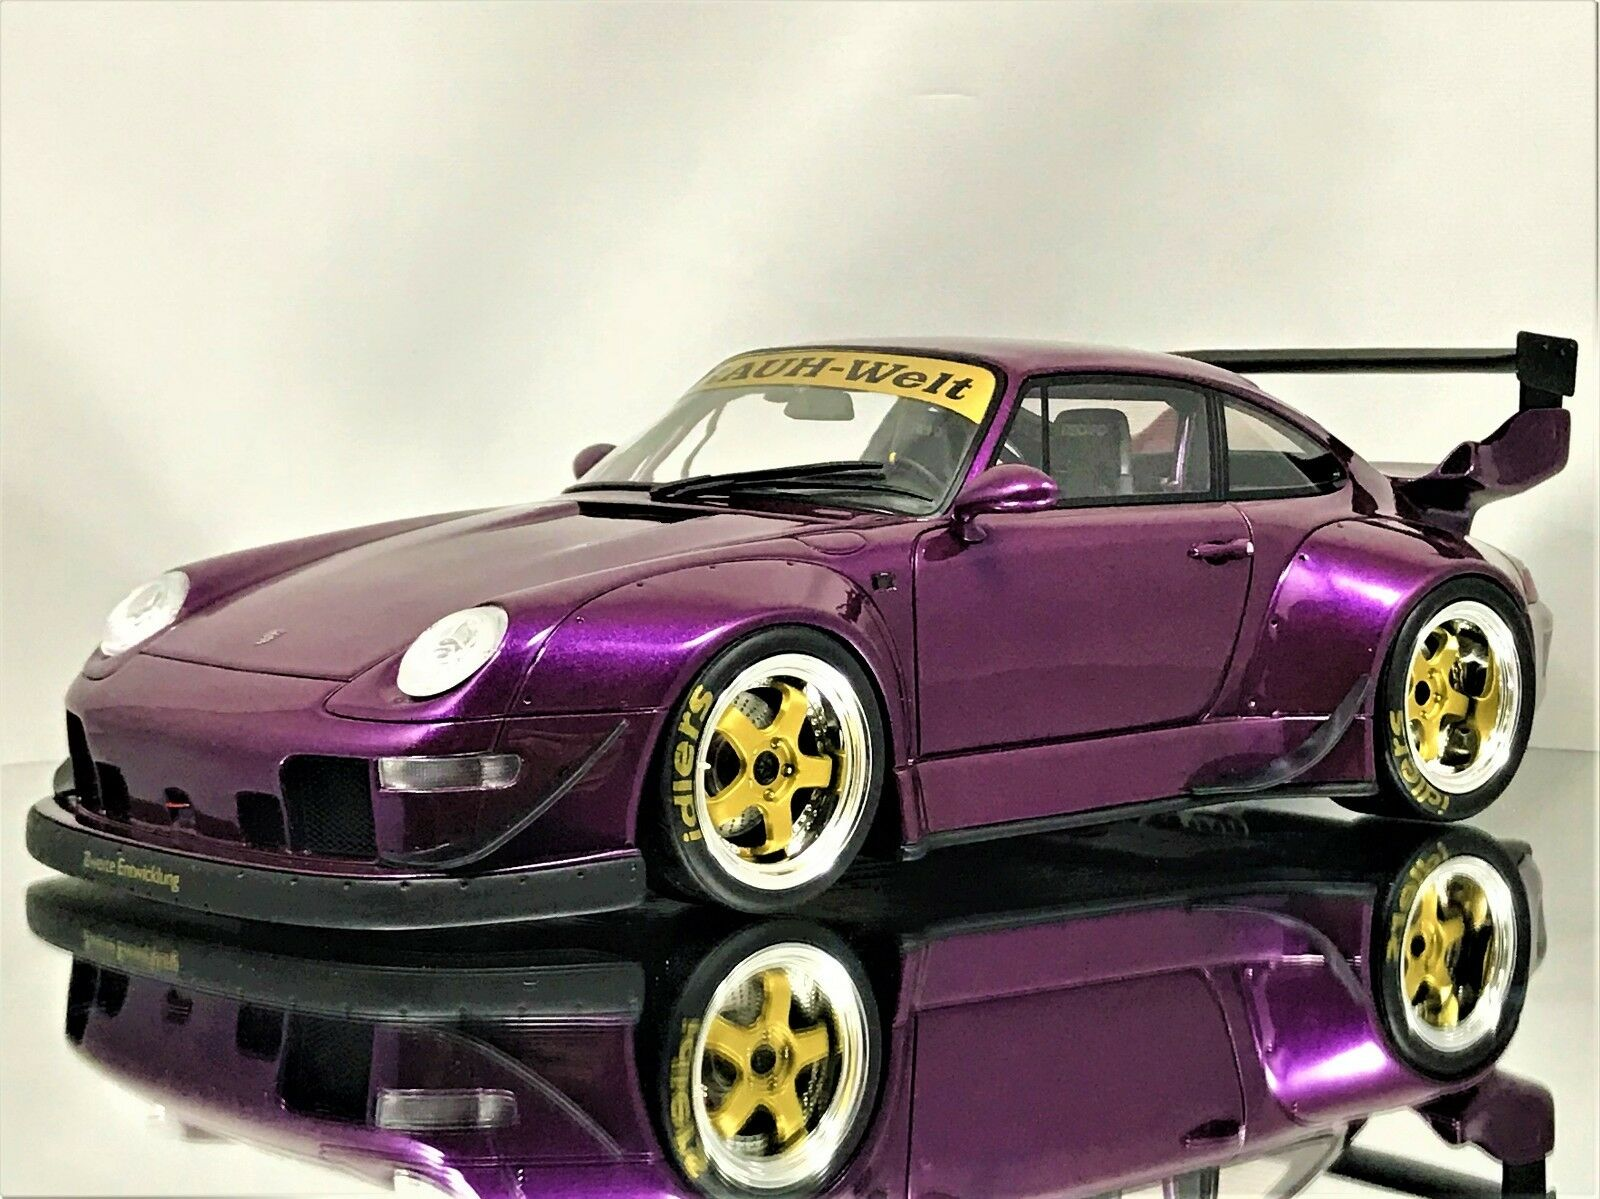 GT Spirit Porsche 911  (993) RSF Rauh-Welt Begriff Violet & Or Résine Modèle 1 18  le plus récent